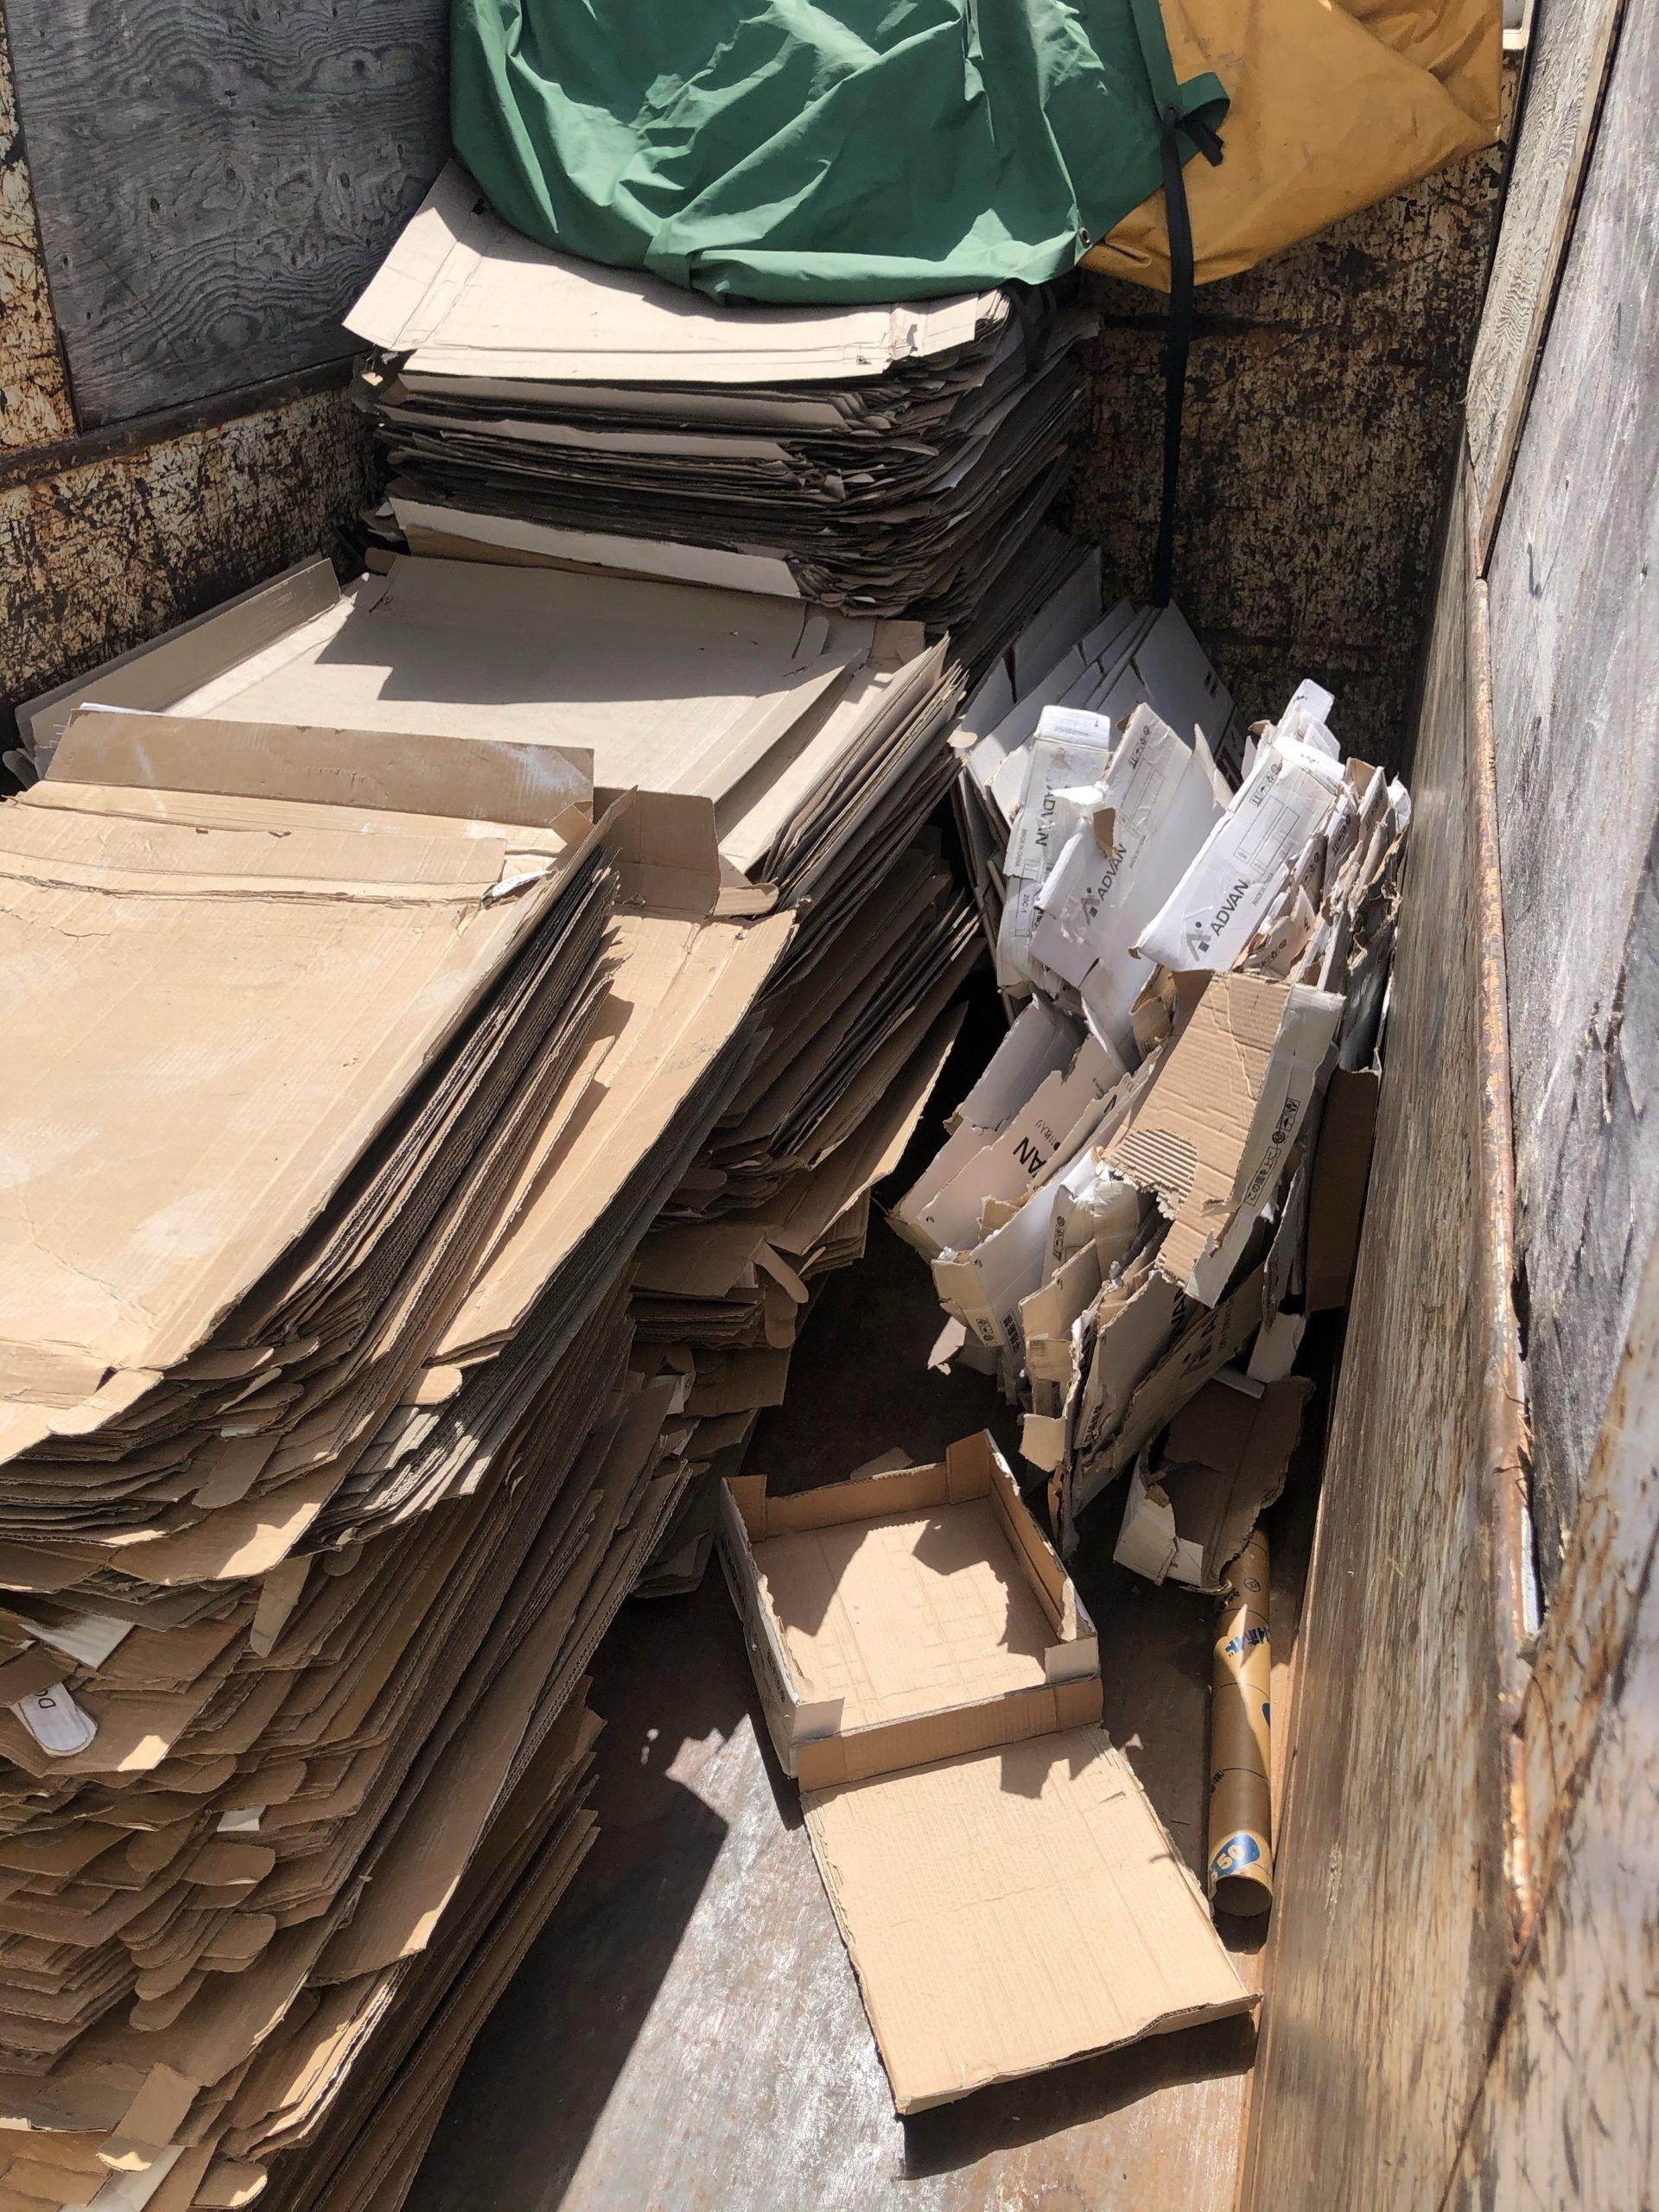 津市で不用品回収や不用品処分、解体工事の見積業者なら株式会社kousui